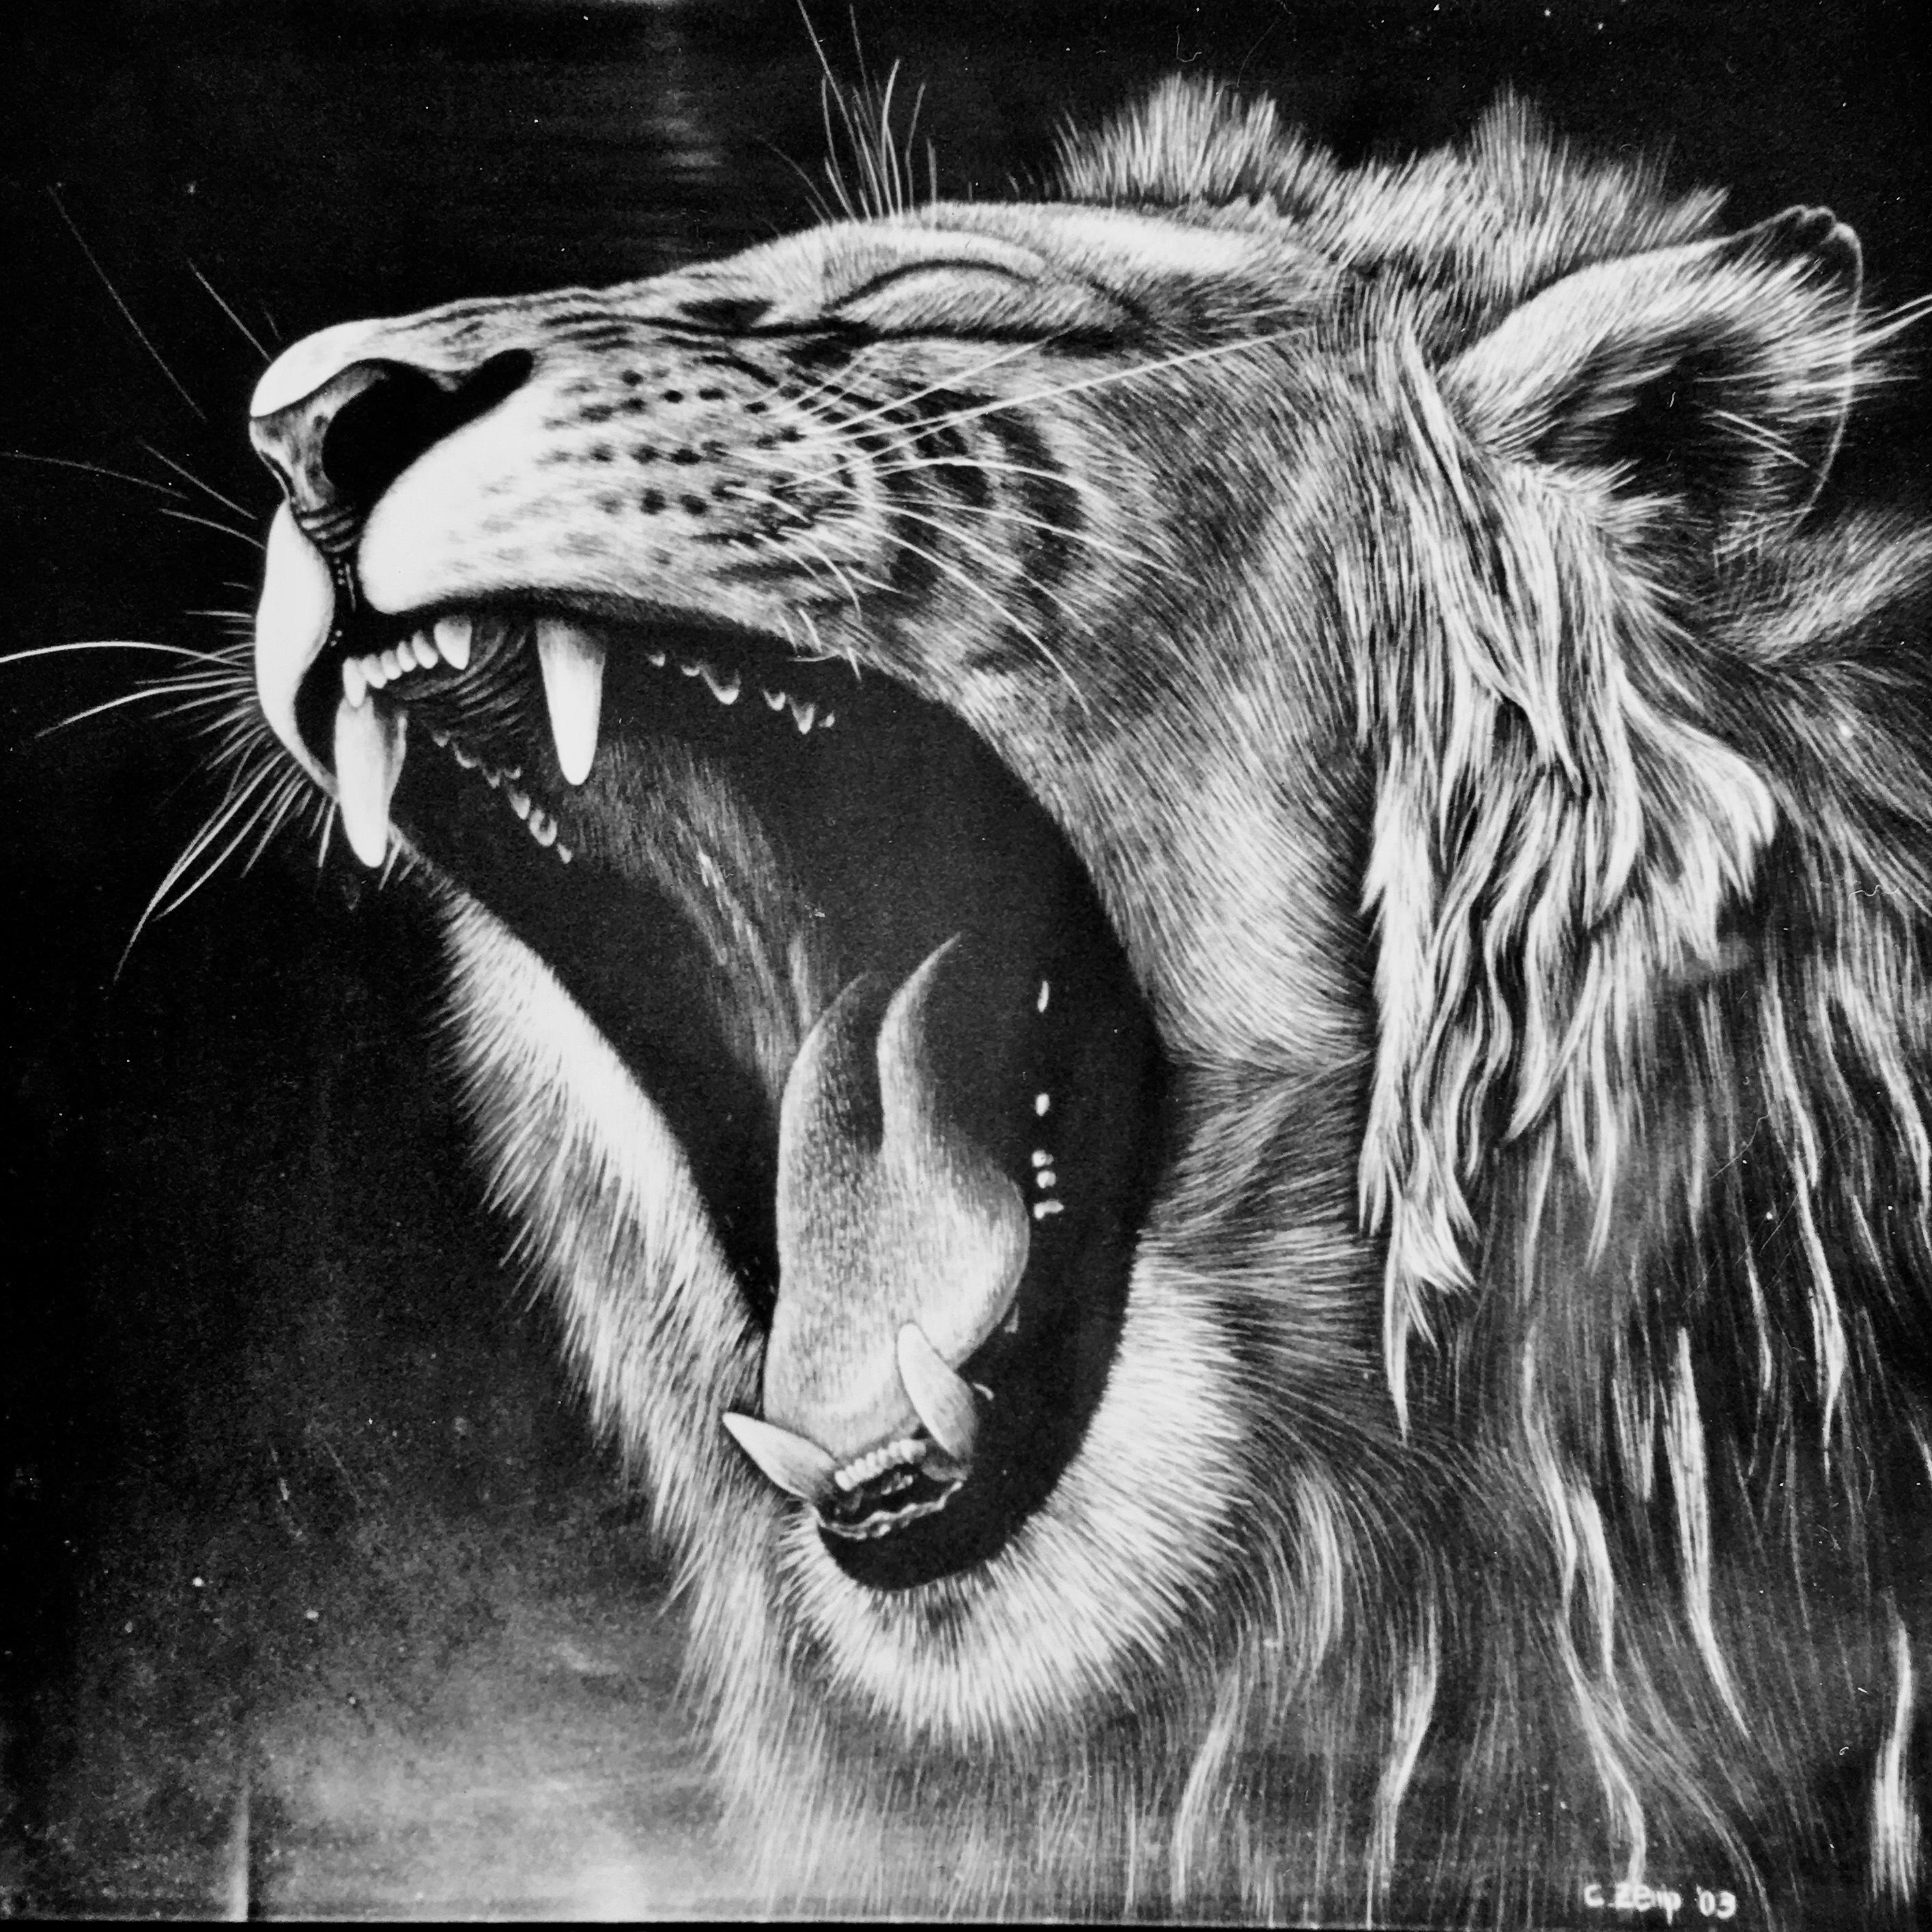 Lion (nicht verkäuflich / not for sale)